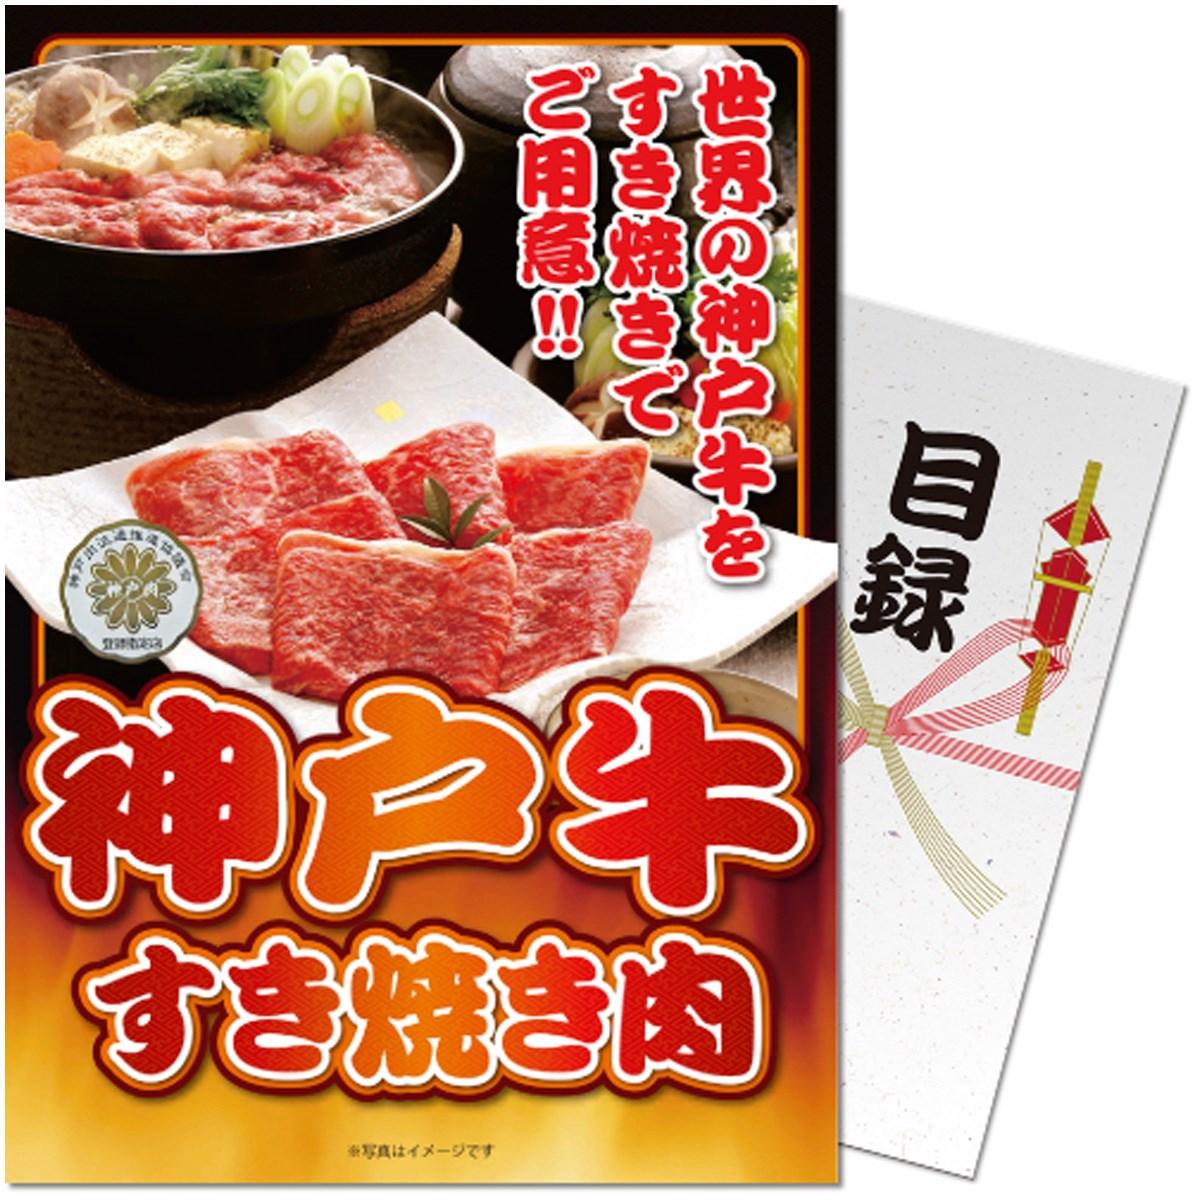 その他メーカー パネもく!神戸牛すき焼き肉300g 目録 A4パネル付き